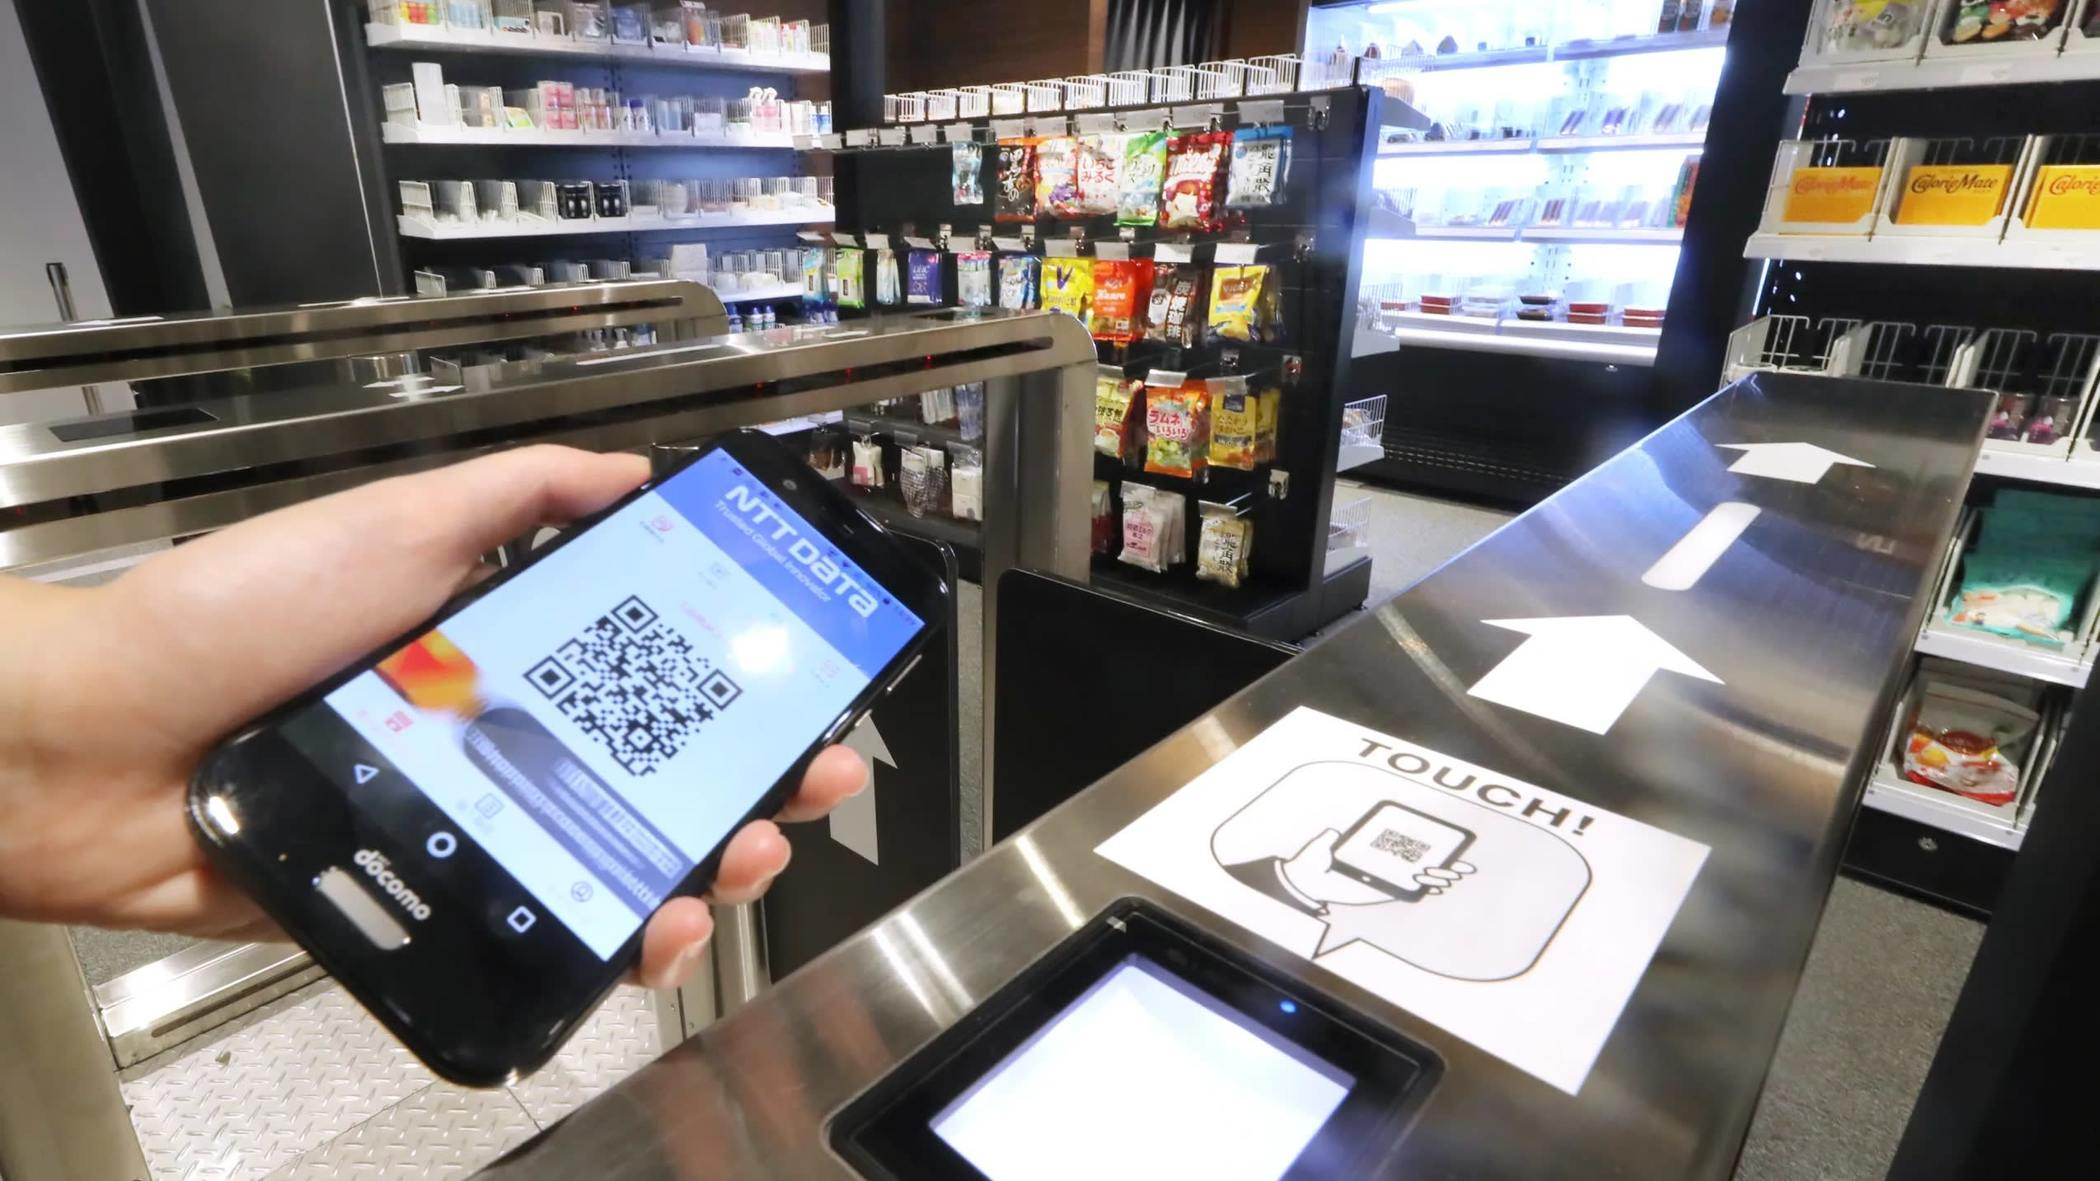 日本引入中国无人商店技术,解决劳动力短缺难题